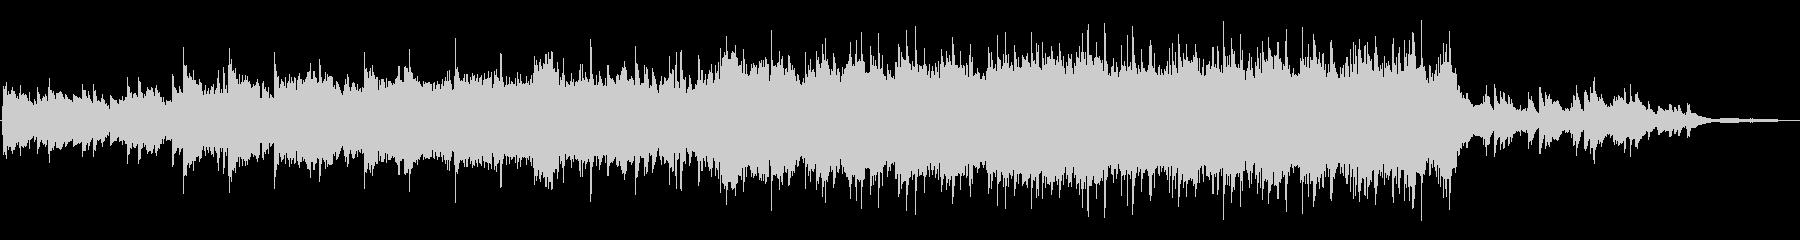 VP系7、ピアノ&オーケストラ、感動的Eの未再生の波形